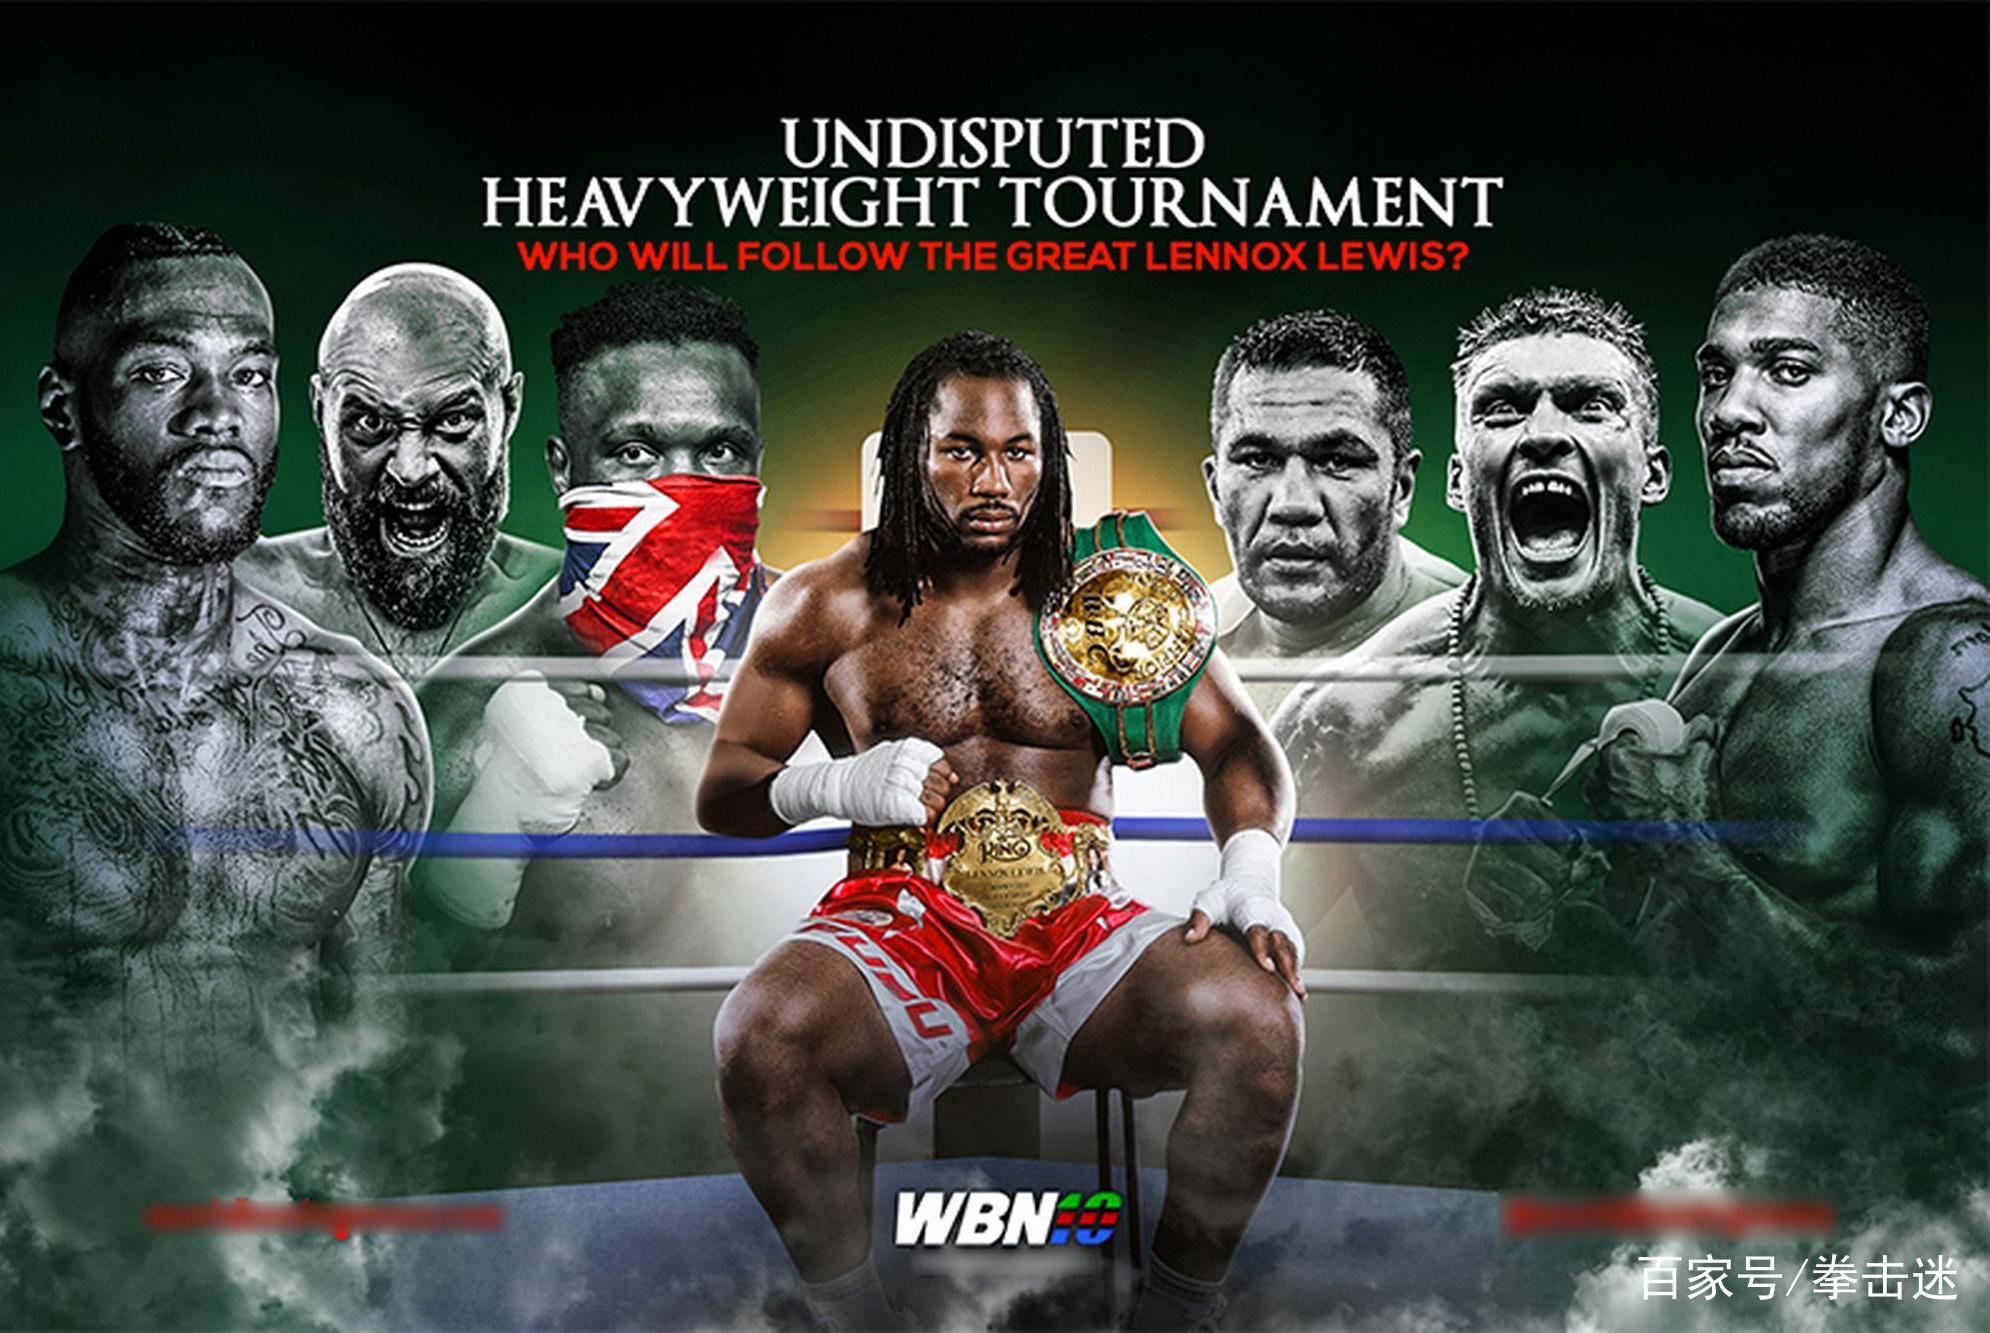 谁将成为刘易斯之后,重量级最无可争议的拳王?拳迷投票给予答案